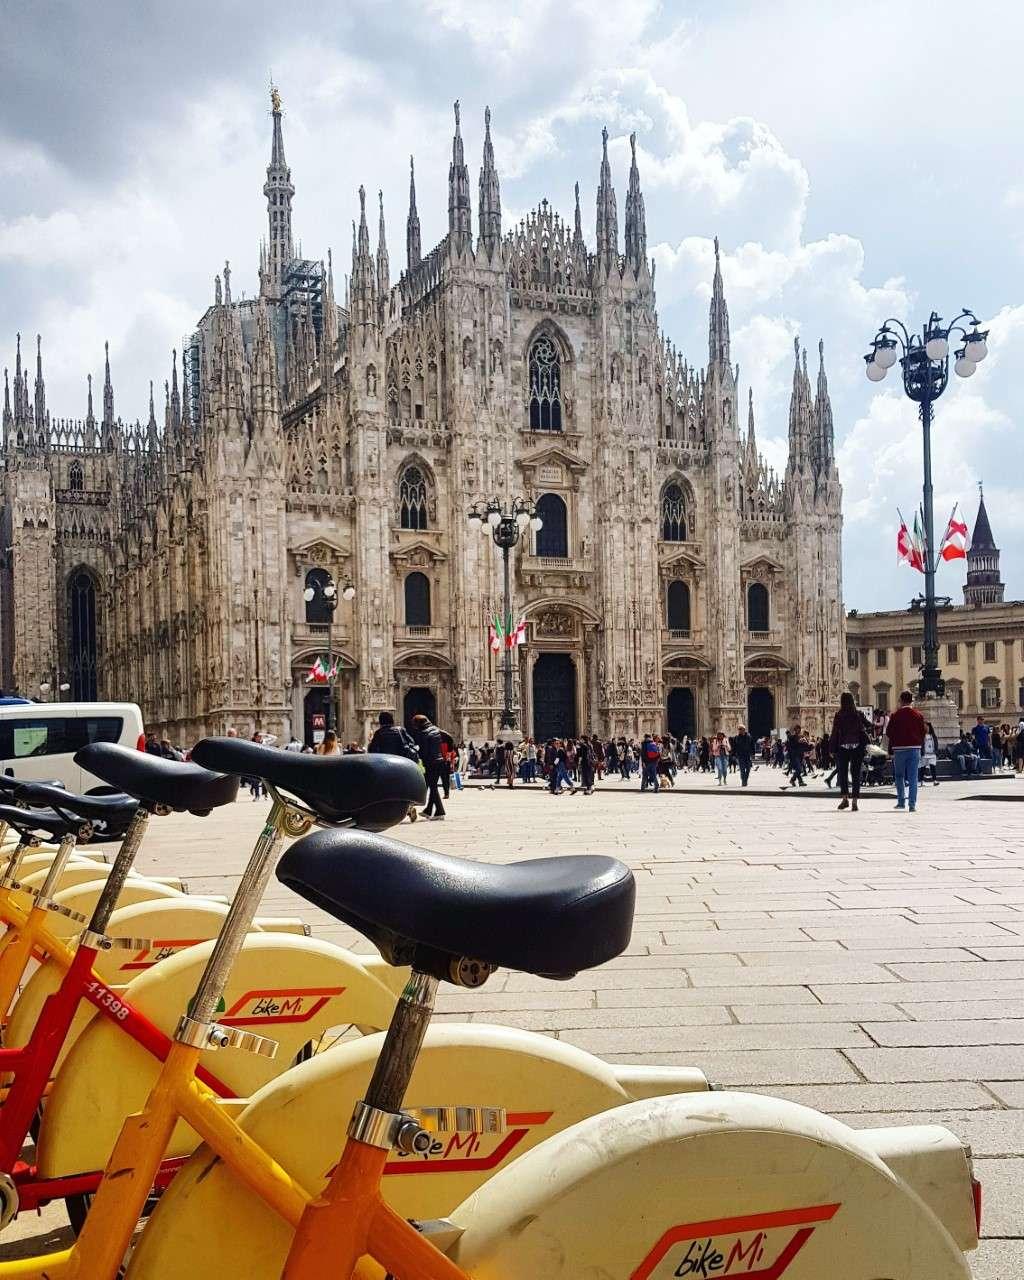 Italië, Milaan, Dom van Milaan